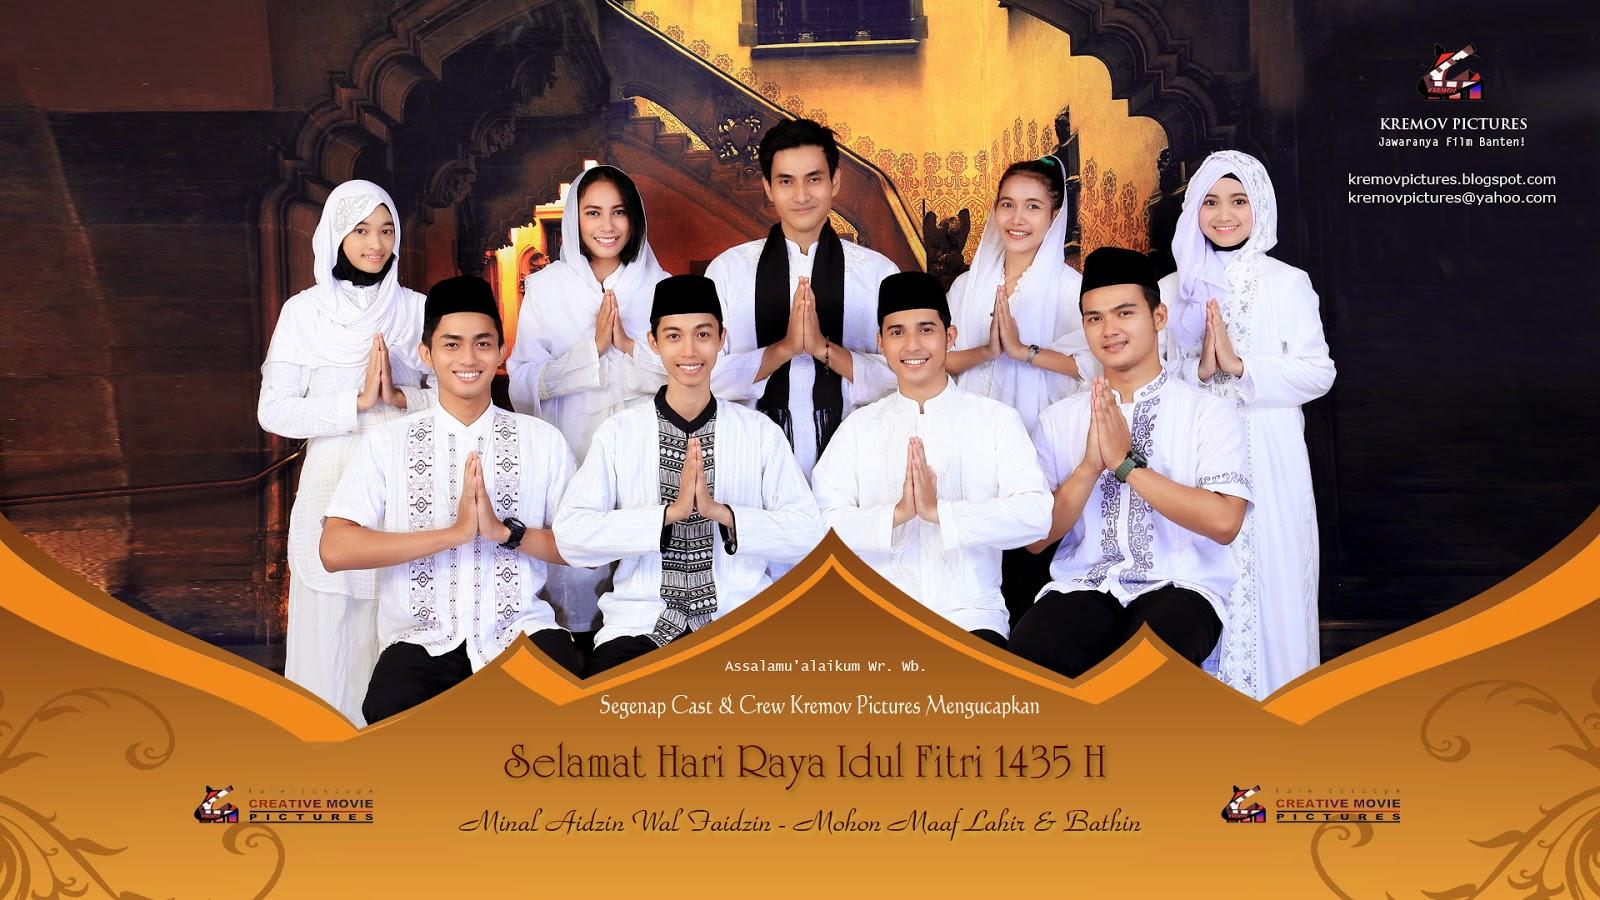 Kremov Mengucapkan Selamat Hari Raya Idul Fitri 1435 H